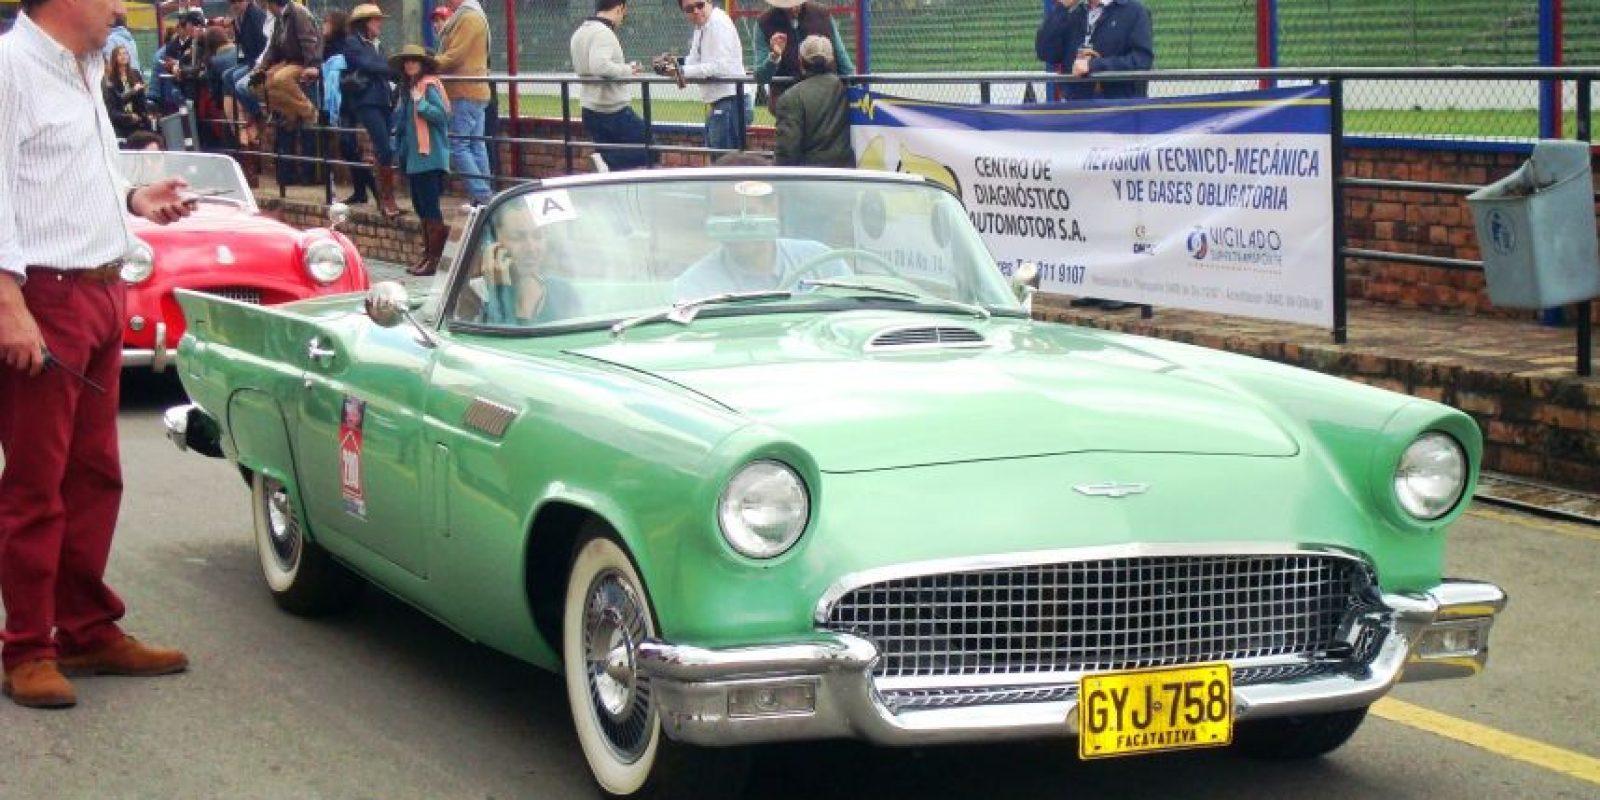 Este Ford Thunderbird, que participó en el Circuito de San Diego a finales de los años 50, también estará exhibido en el Centro Comercial Fontanar. Foto:Cortesía